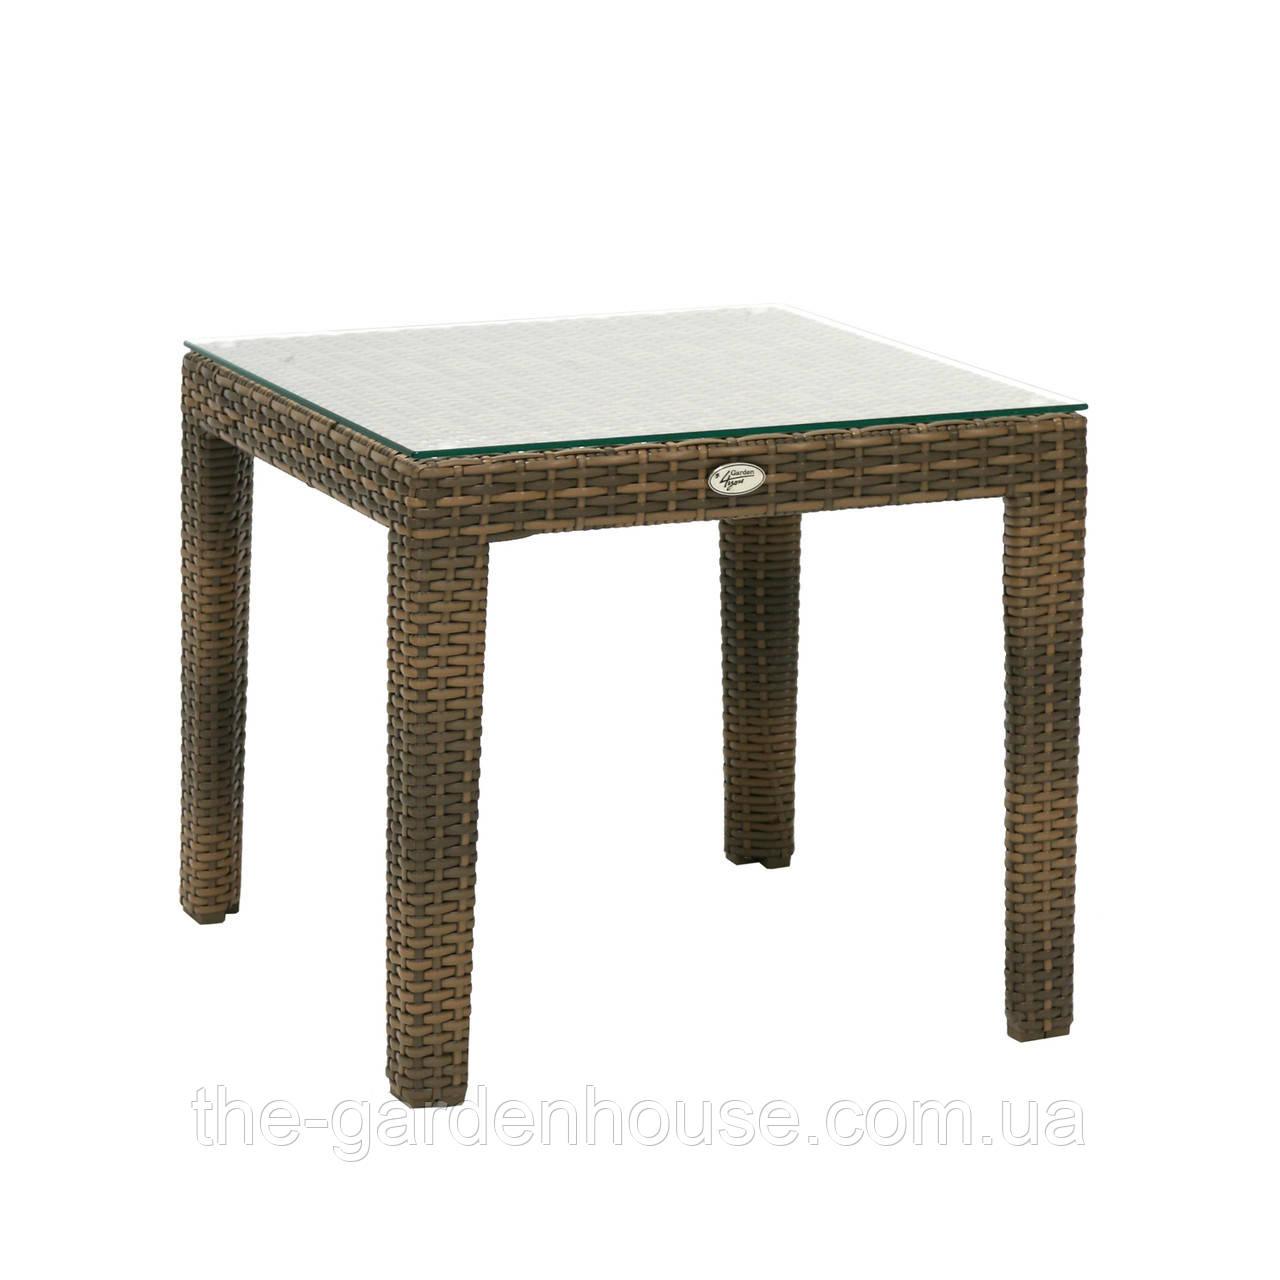 Кофейный столик Wicker из искусственного ротанга 50х50 см капучино